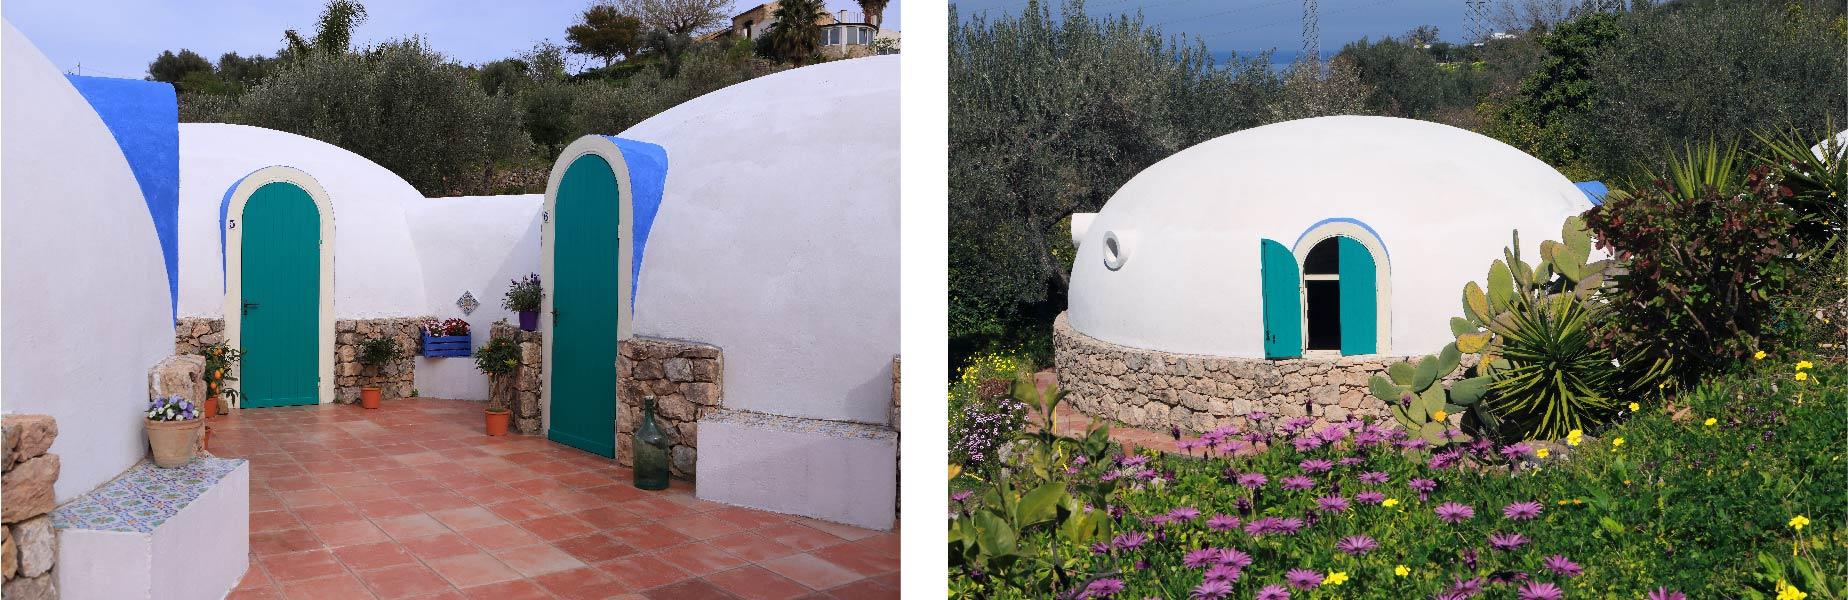 giardino di sicilia_slider camere